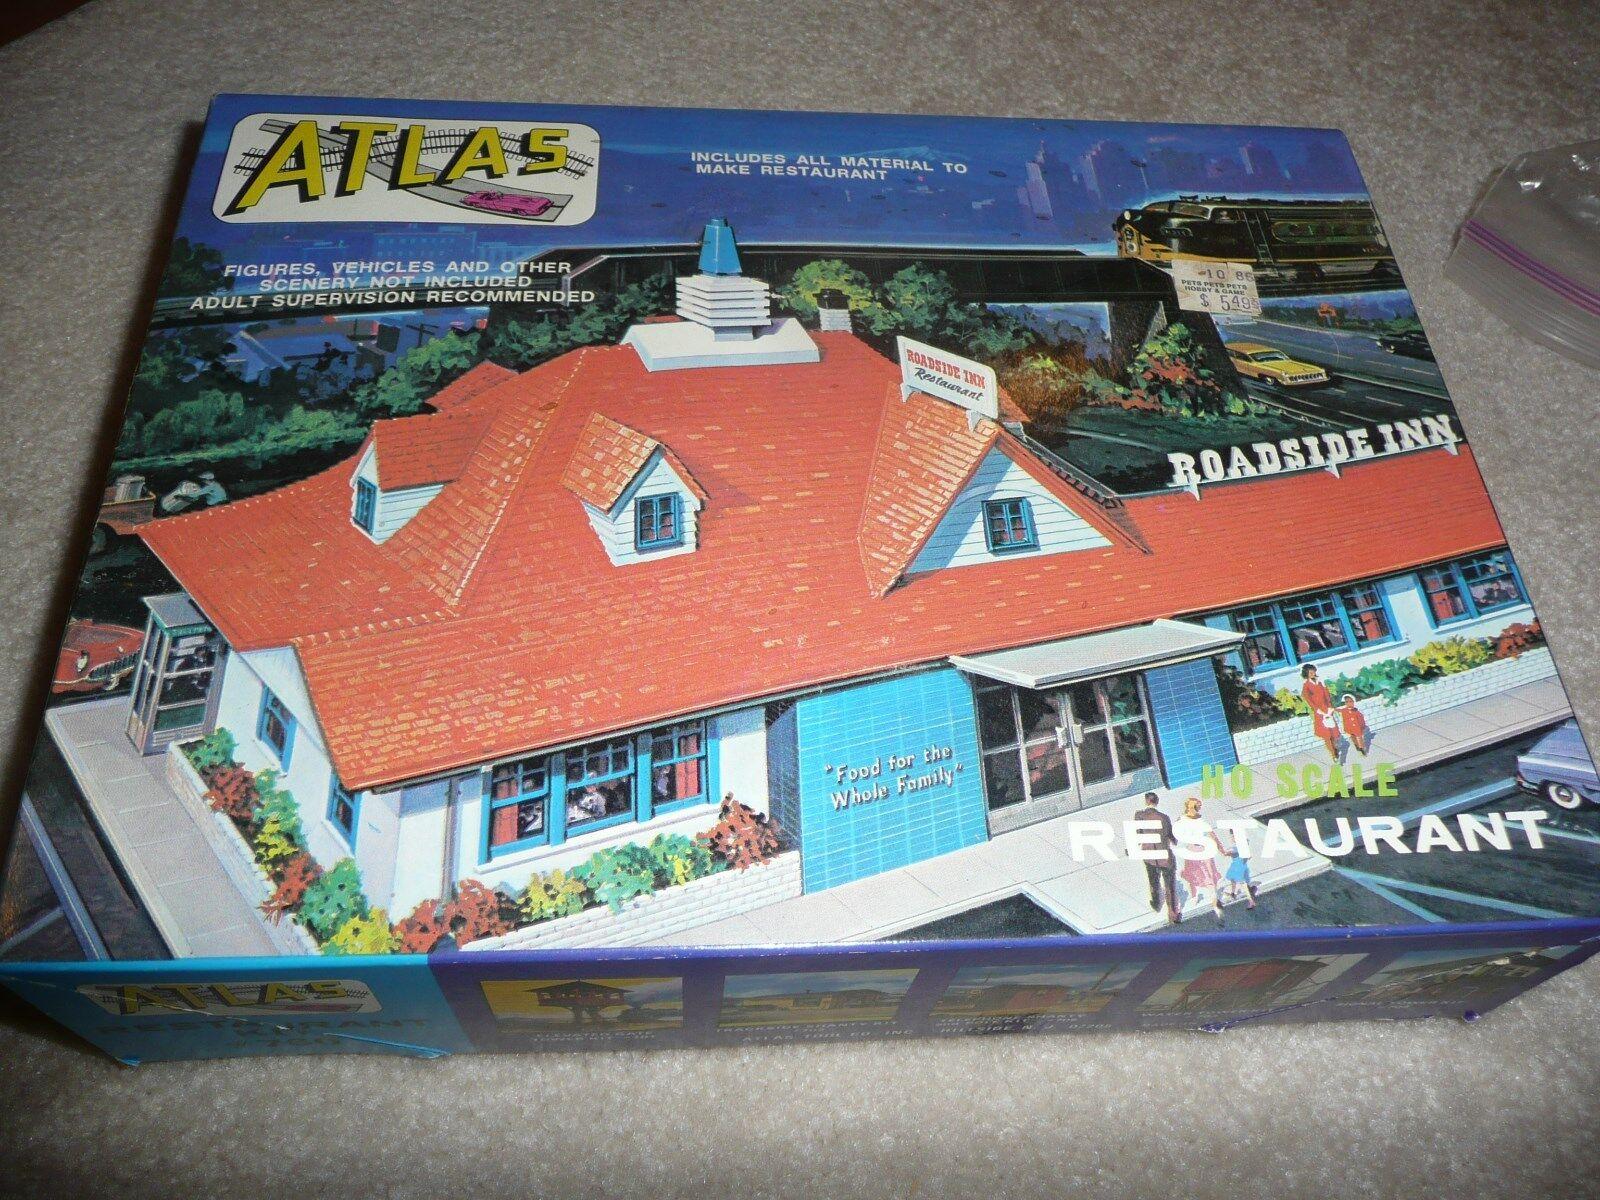 NEW 1 87 HO SCALE Atlas Restaurant  KIT - Howard Johnson - (EA-0-7004) - RARE